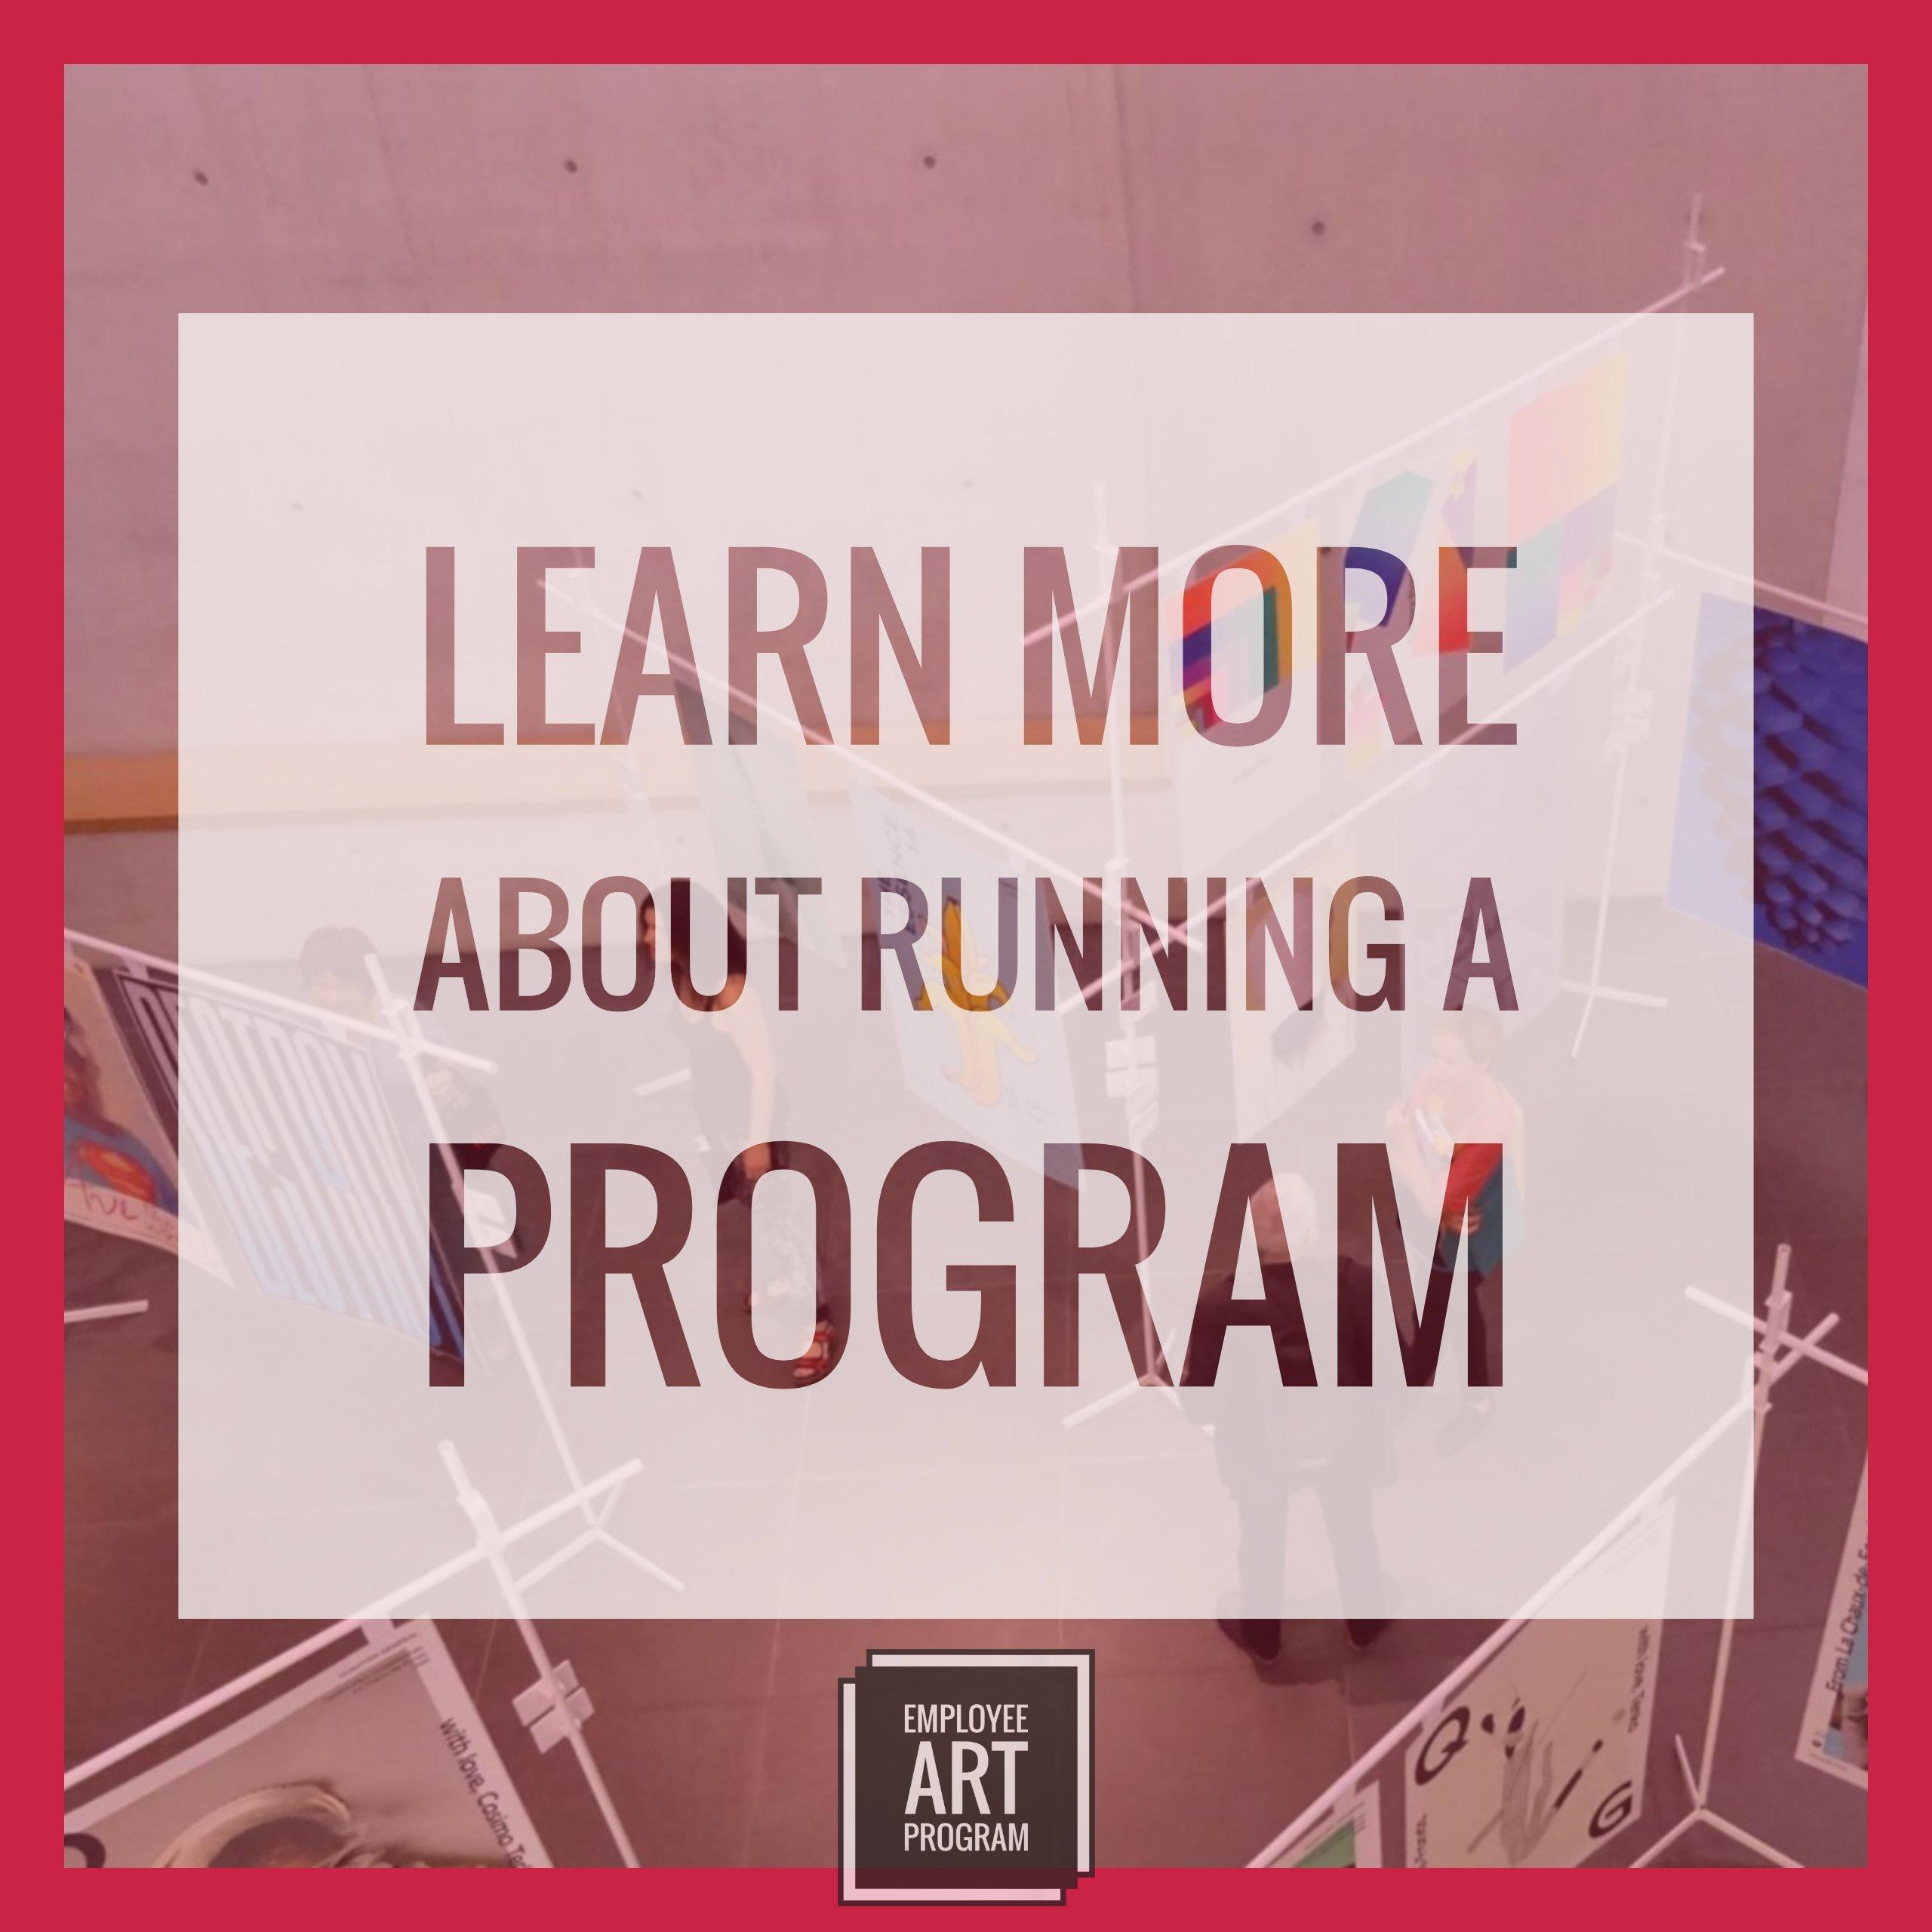 Learn More about running an employee art program